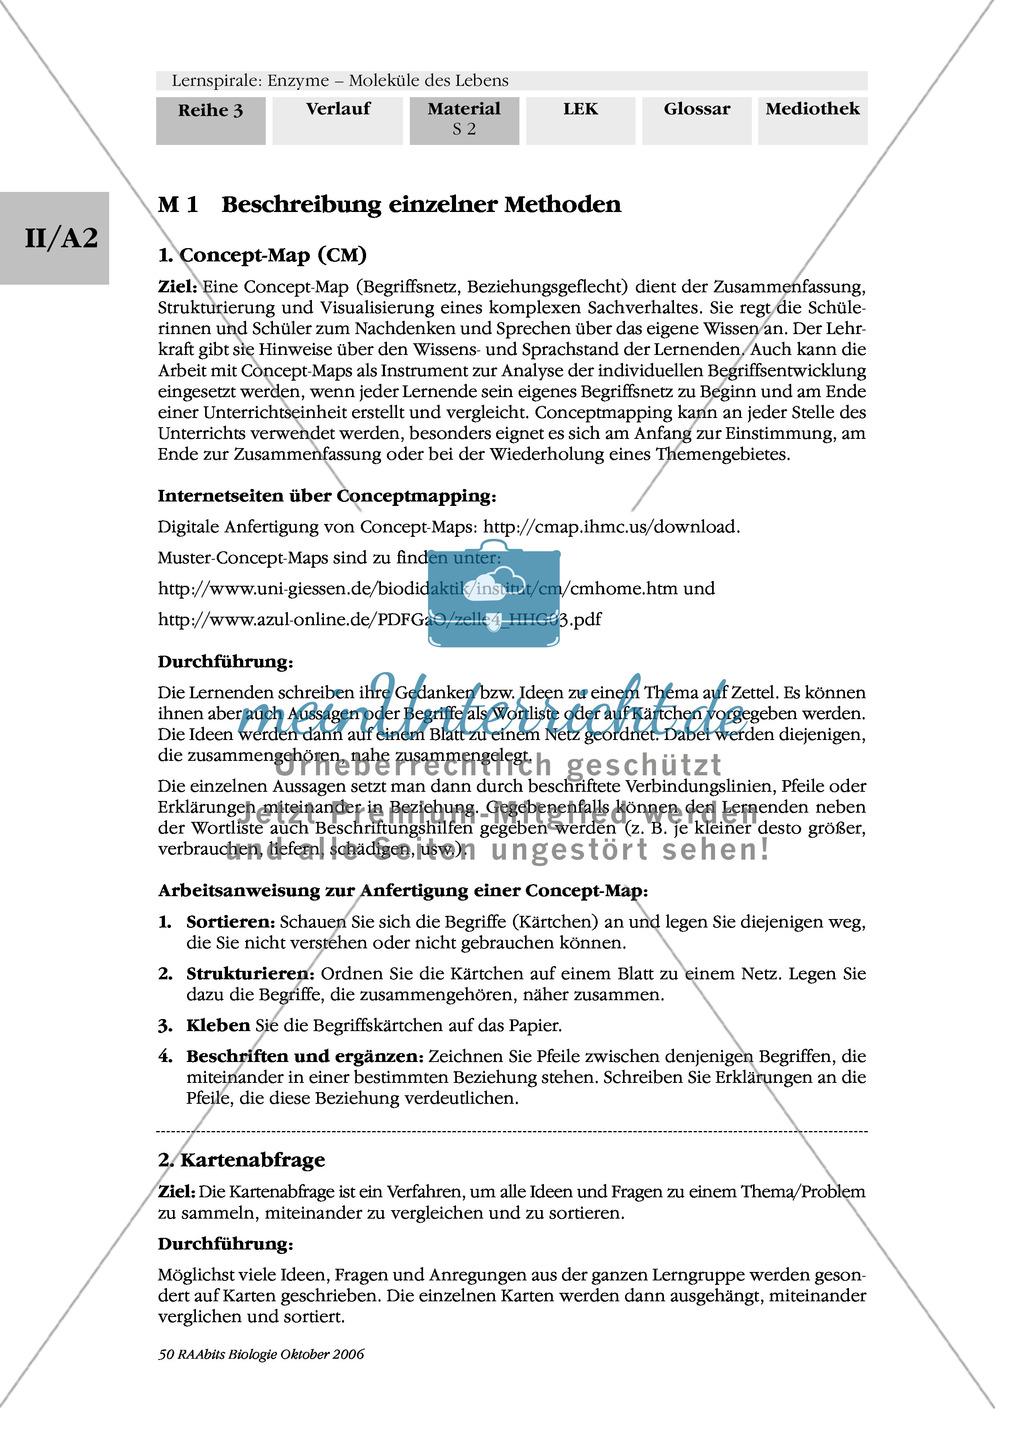 Enzyme: Ergebnissicherung von Arbeitsphasen: Systematisierung und Vermittlung des Gelernten: Concept-Map, Fishbowl Preview 0